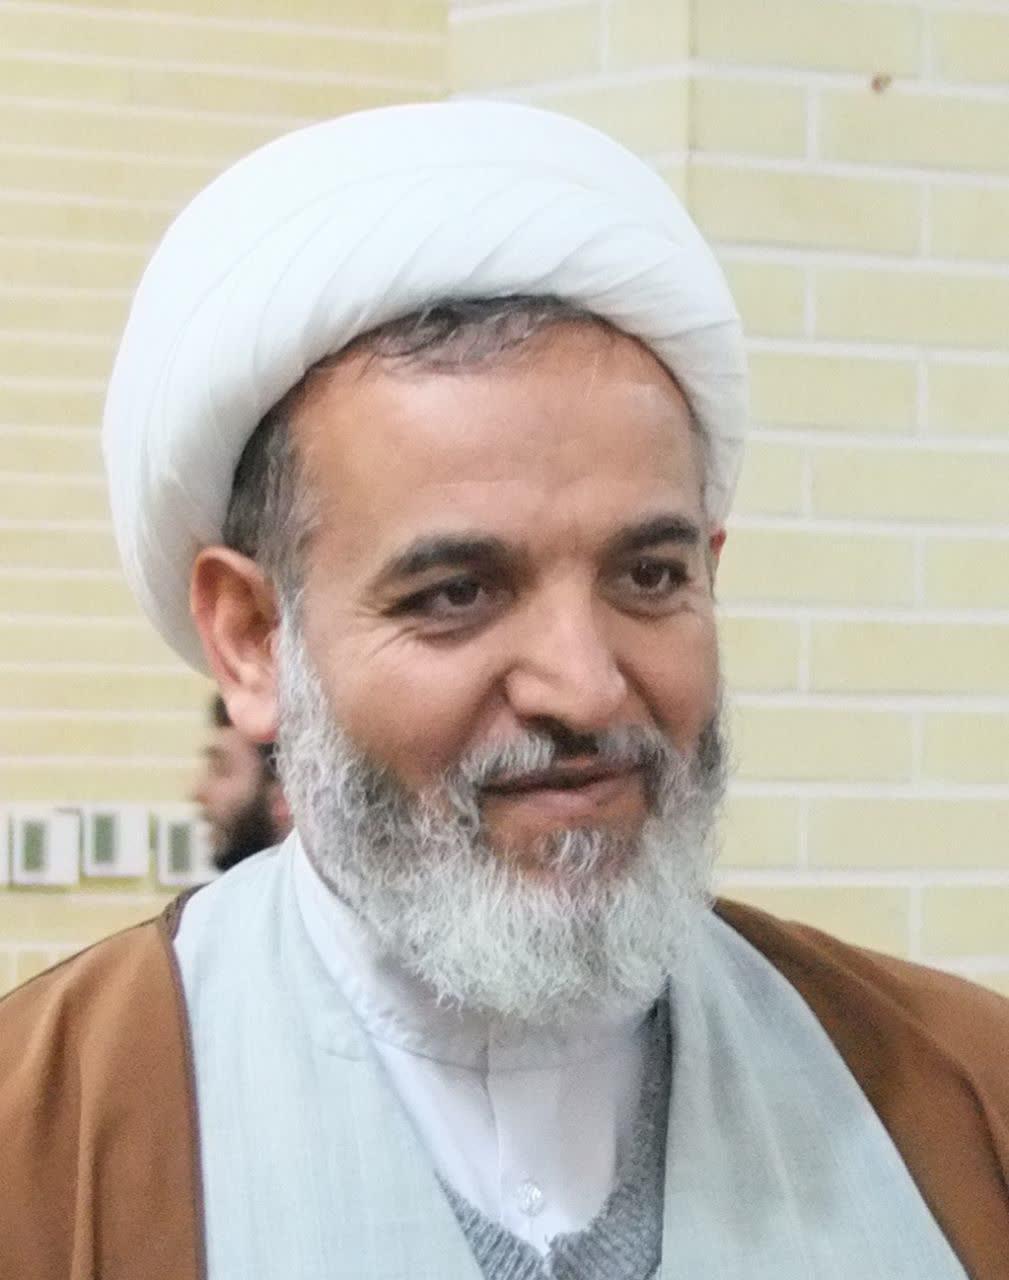 حجت الاسلام عباسی، مدیر محترم مدرسه علمیه آیت الله بهجت قم